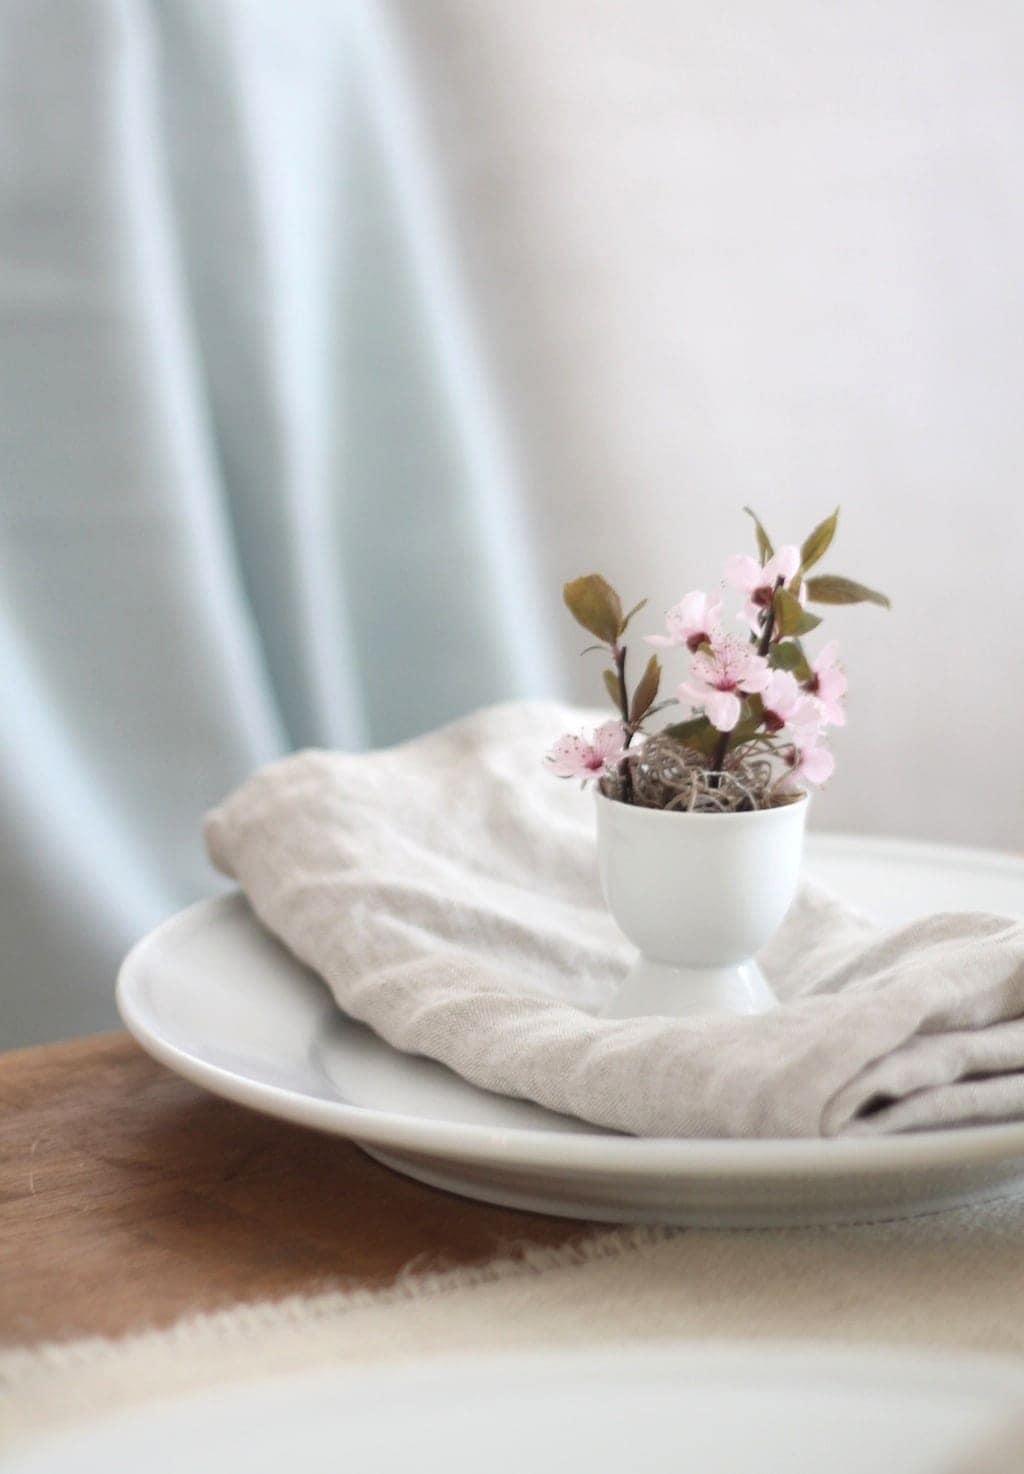 Easy DIY Easter flowers